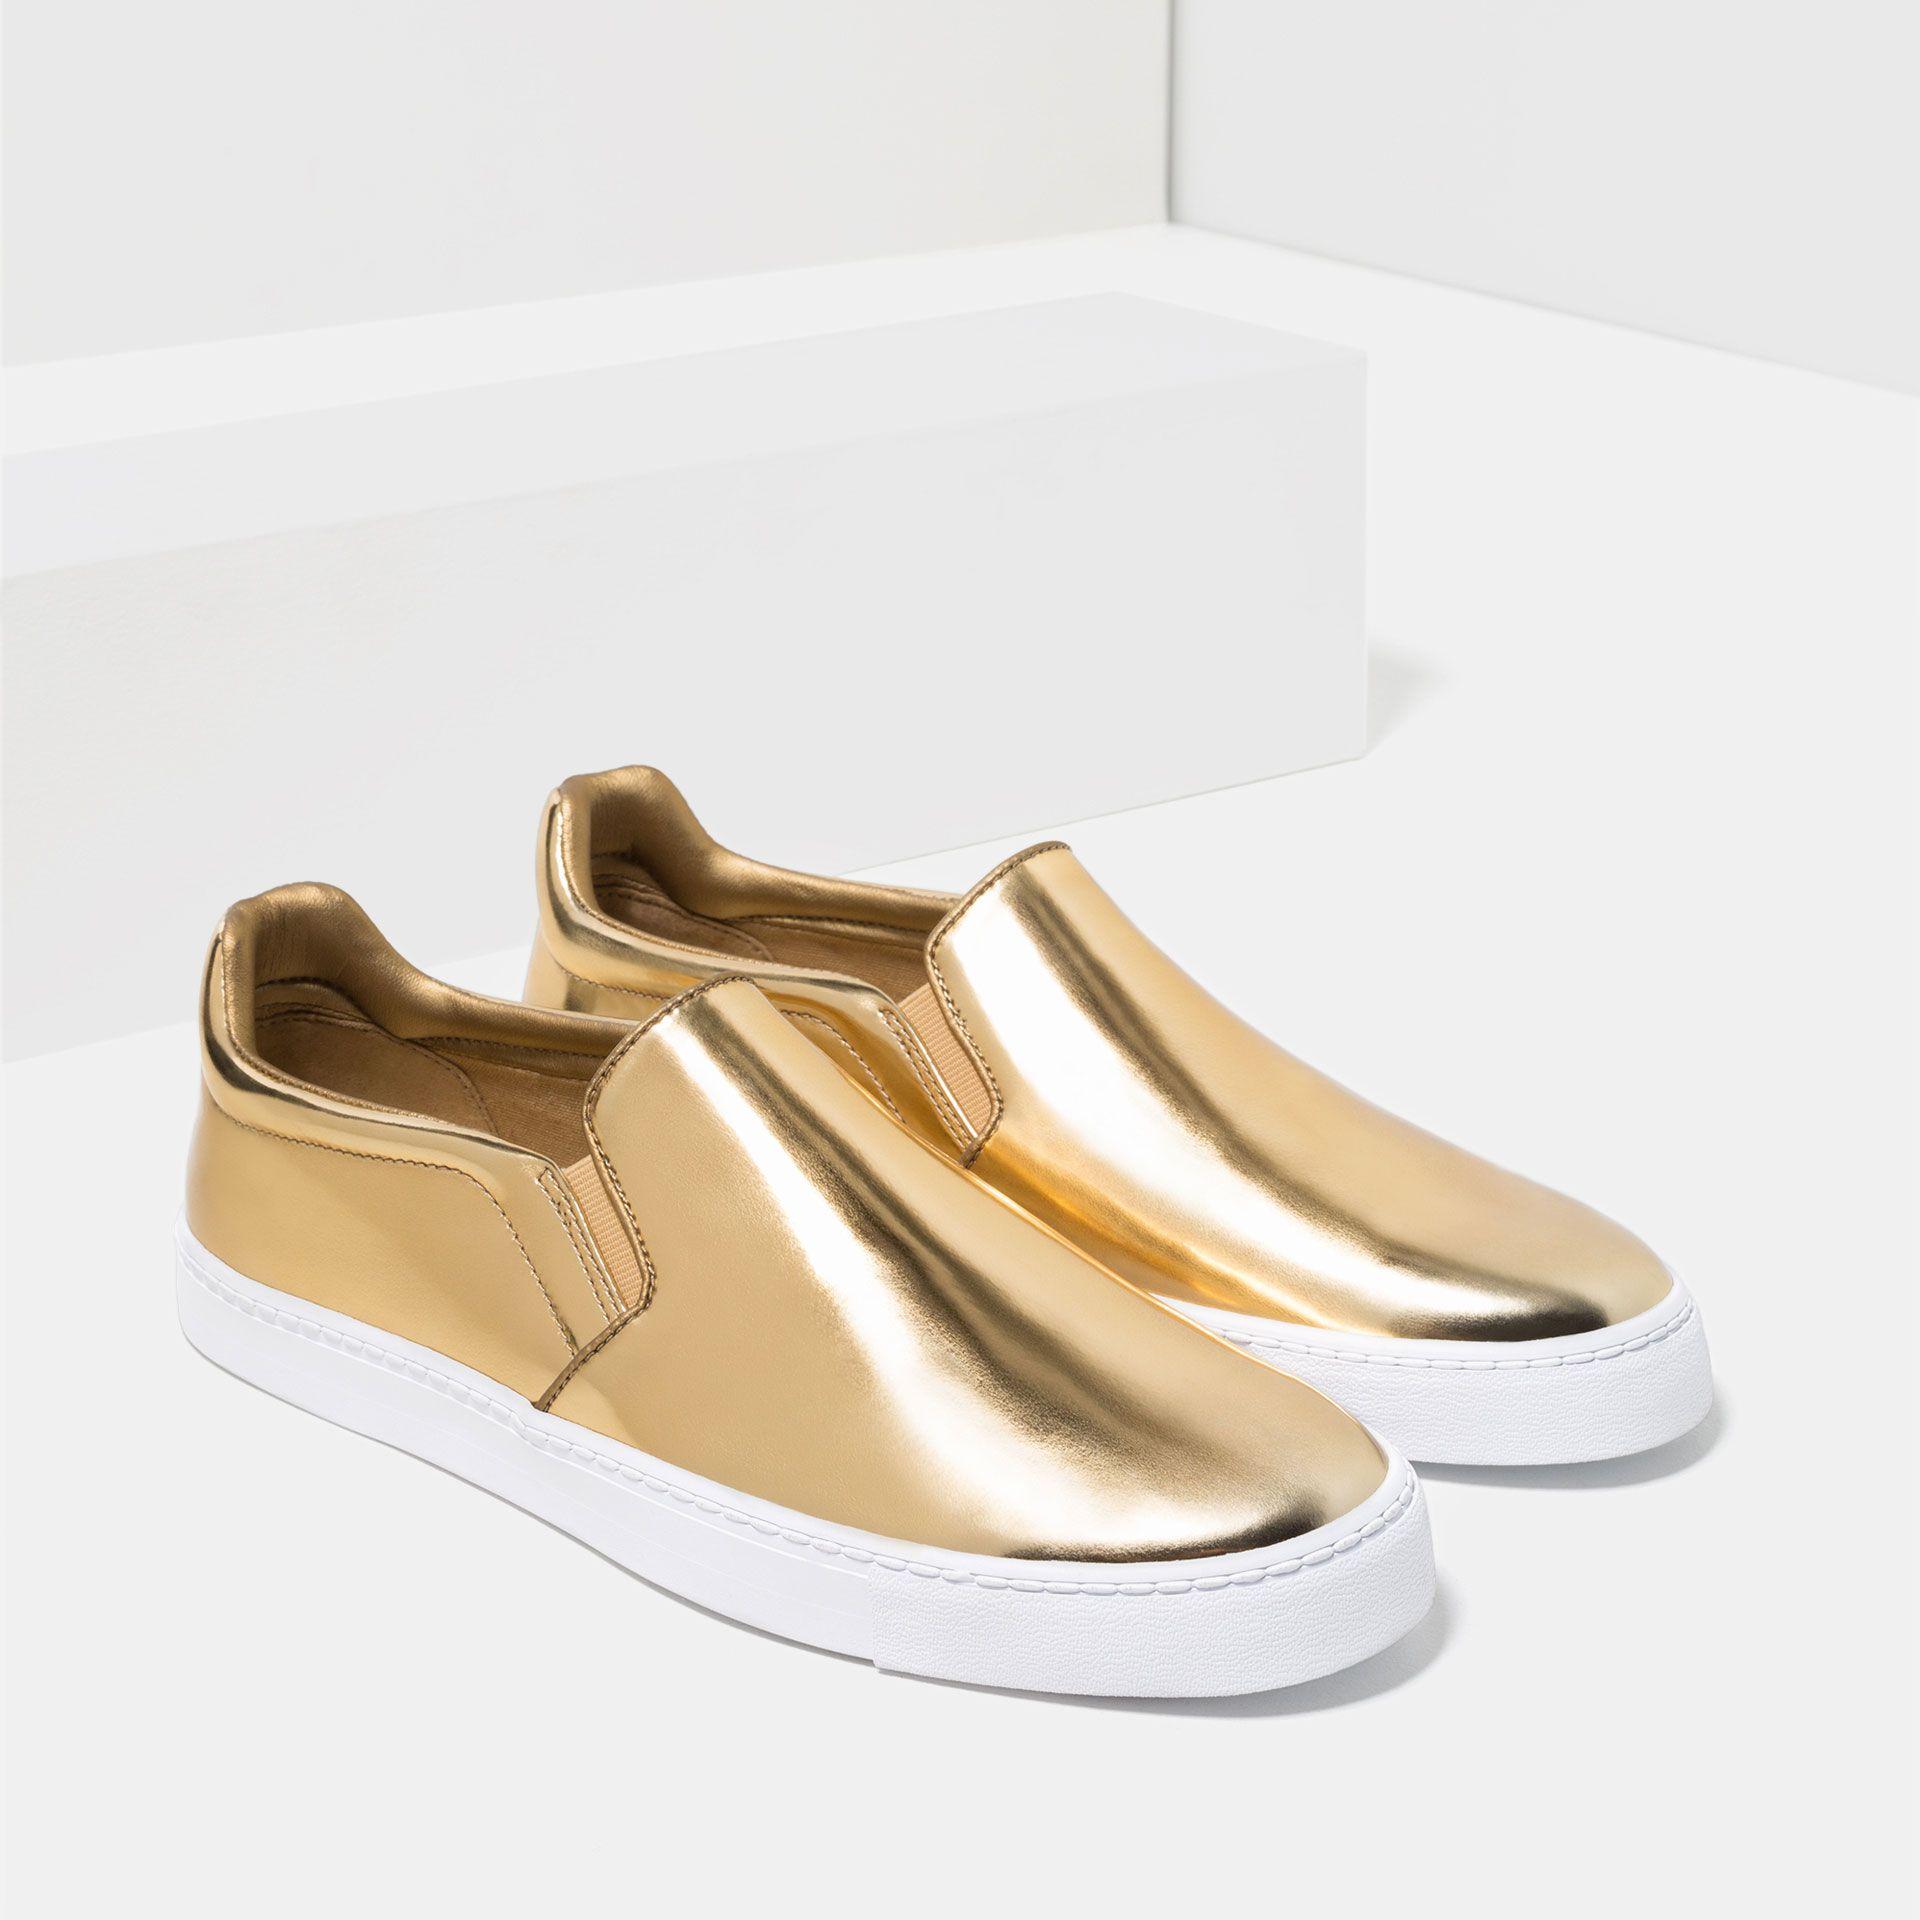 BUREBRRY - Zapatos de cordones de Piel para mujer beige NUDO beige Size: 36 84pfURcl5